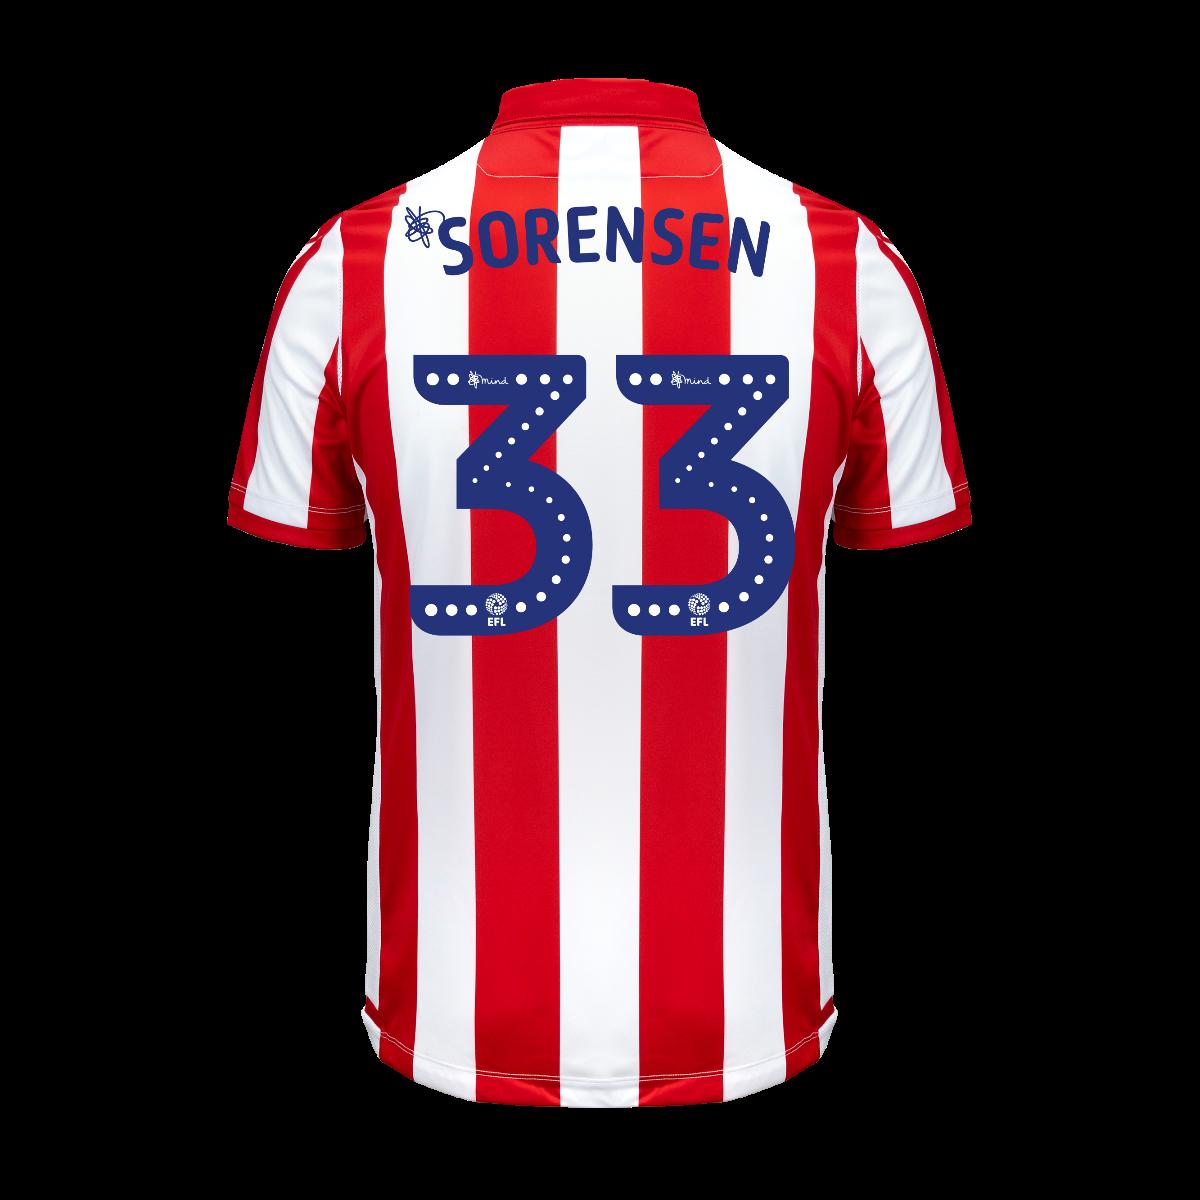 2019/20 Adult Home SS Shirt - Sorensen